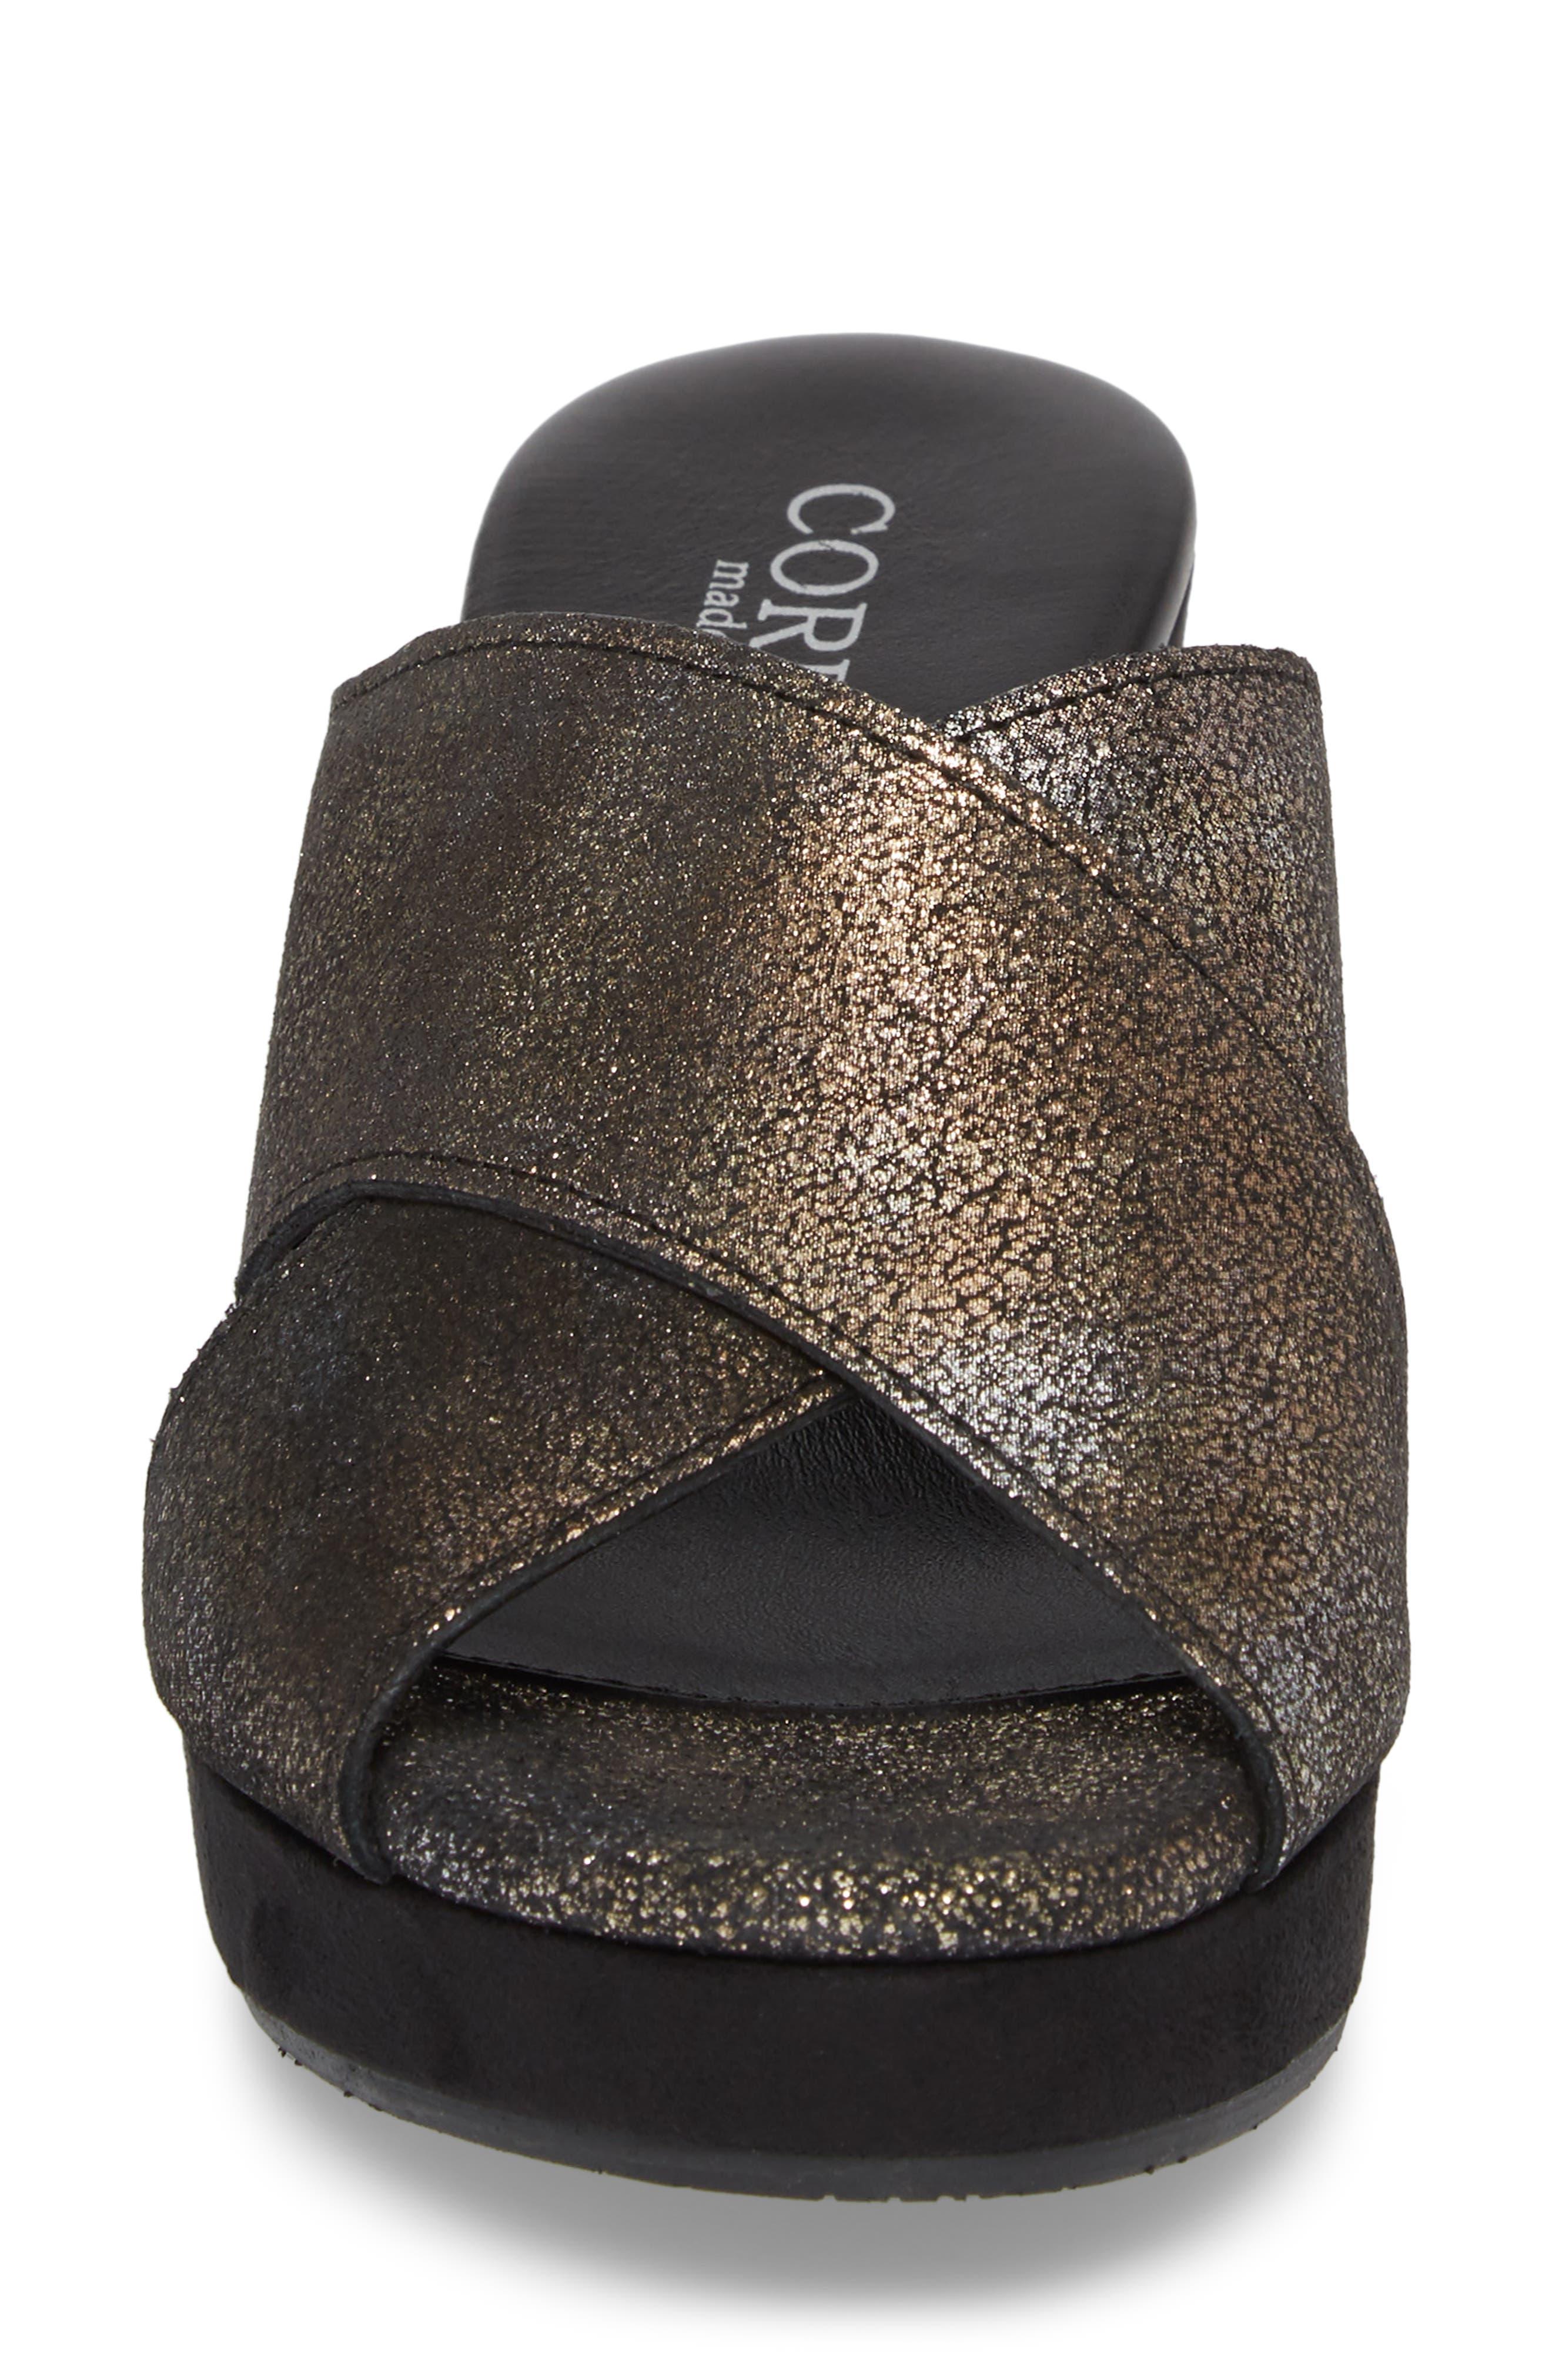 Kimbel Platform Slide Sandal,                             Alternate thumbnail 4, color,                             PEWTER SUEDE